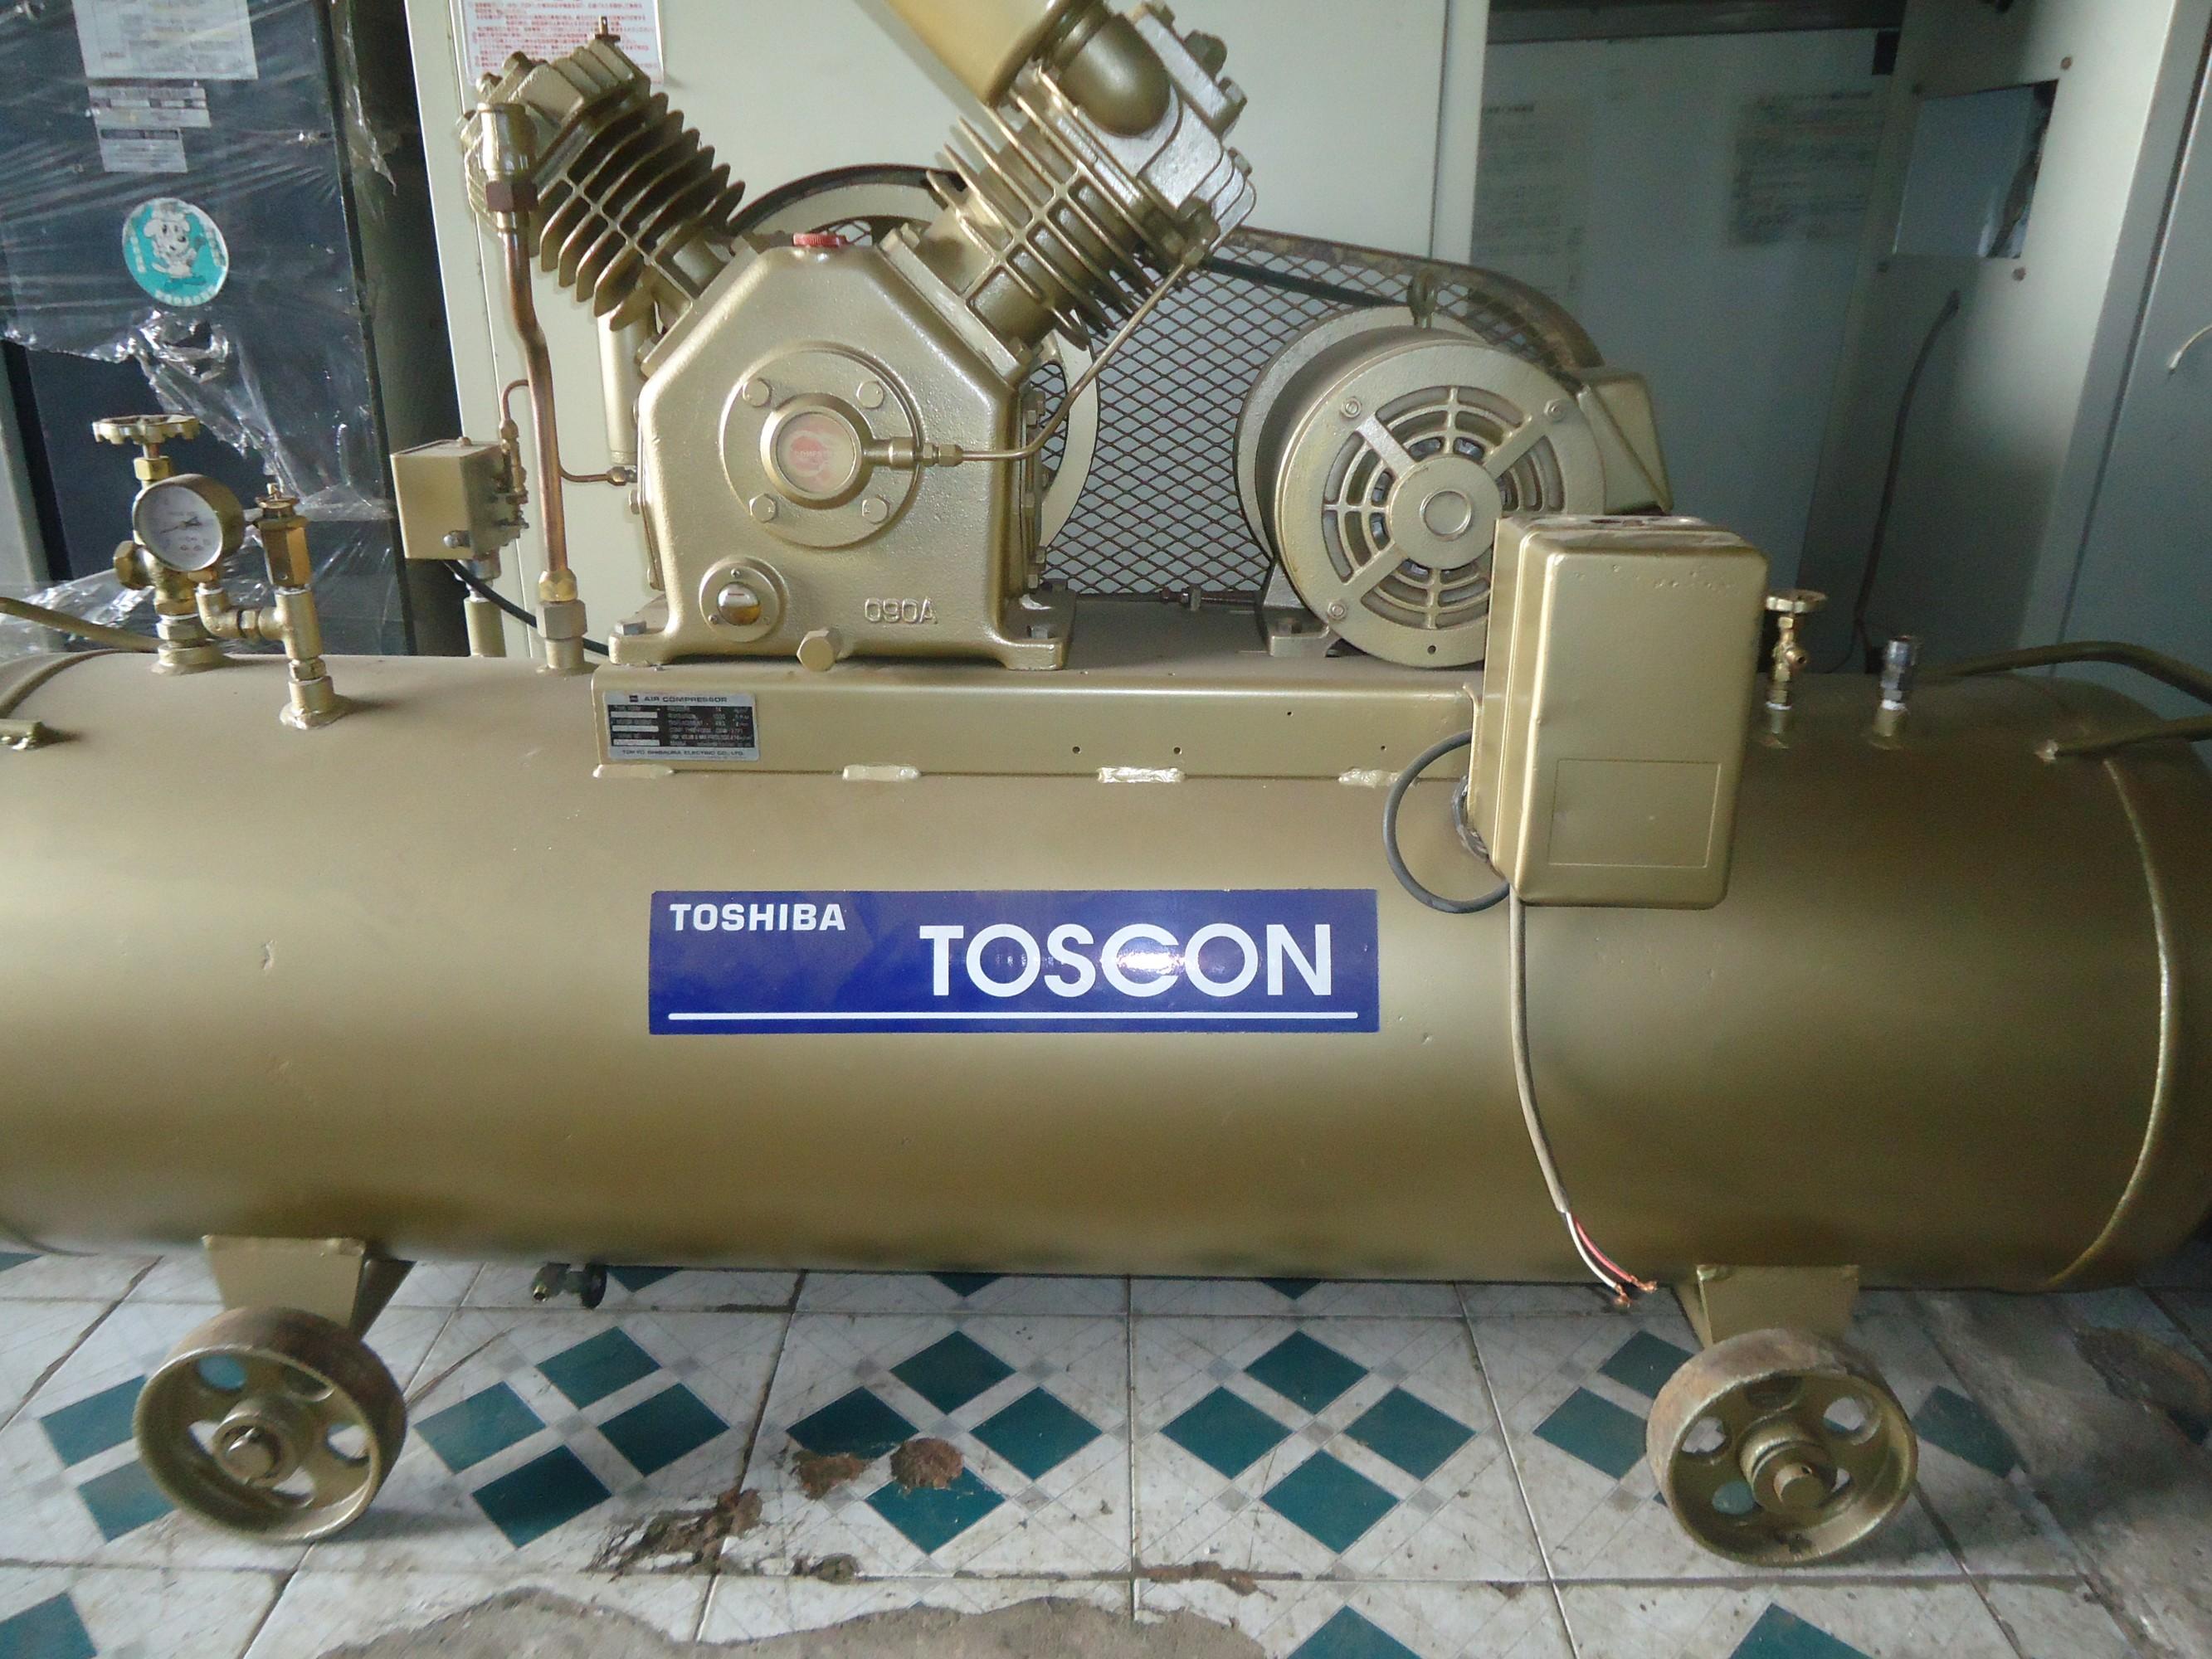 MÁY NÉN KHÍ TOSHIBA 5,5 KW - 7.5KW